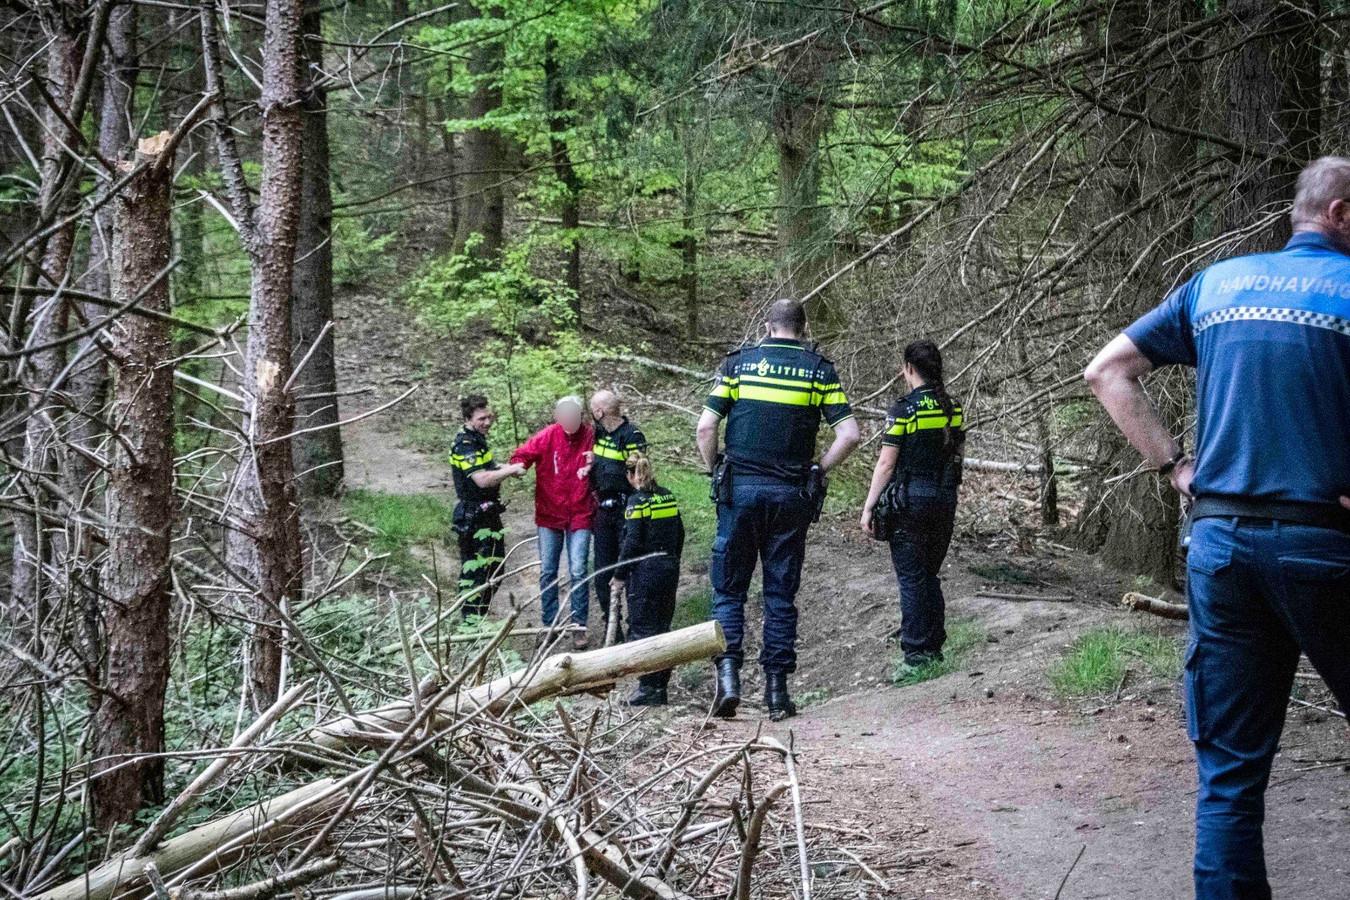 De man is gevonden en wordt door hulpverleners geholpen om weer het bos bij De Steeg uit te komen.